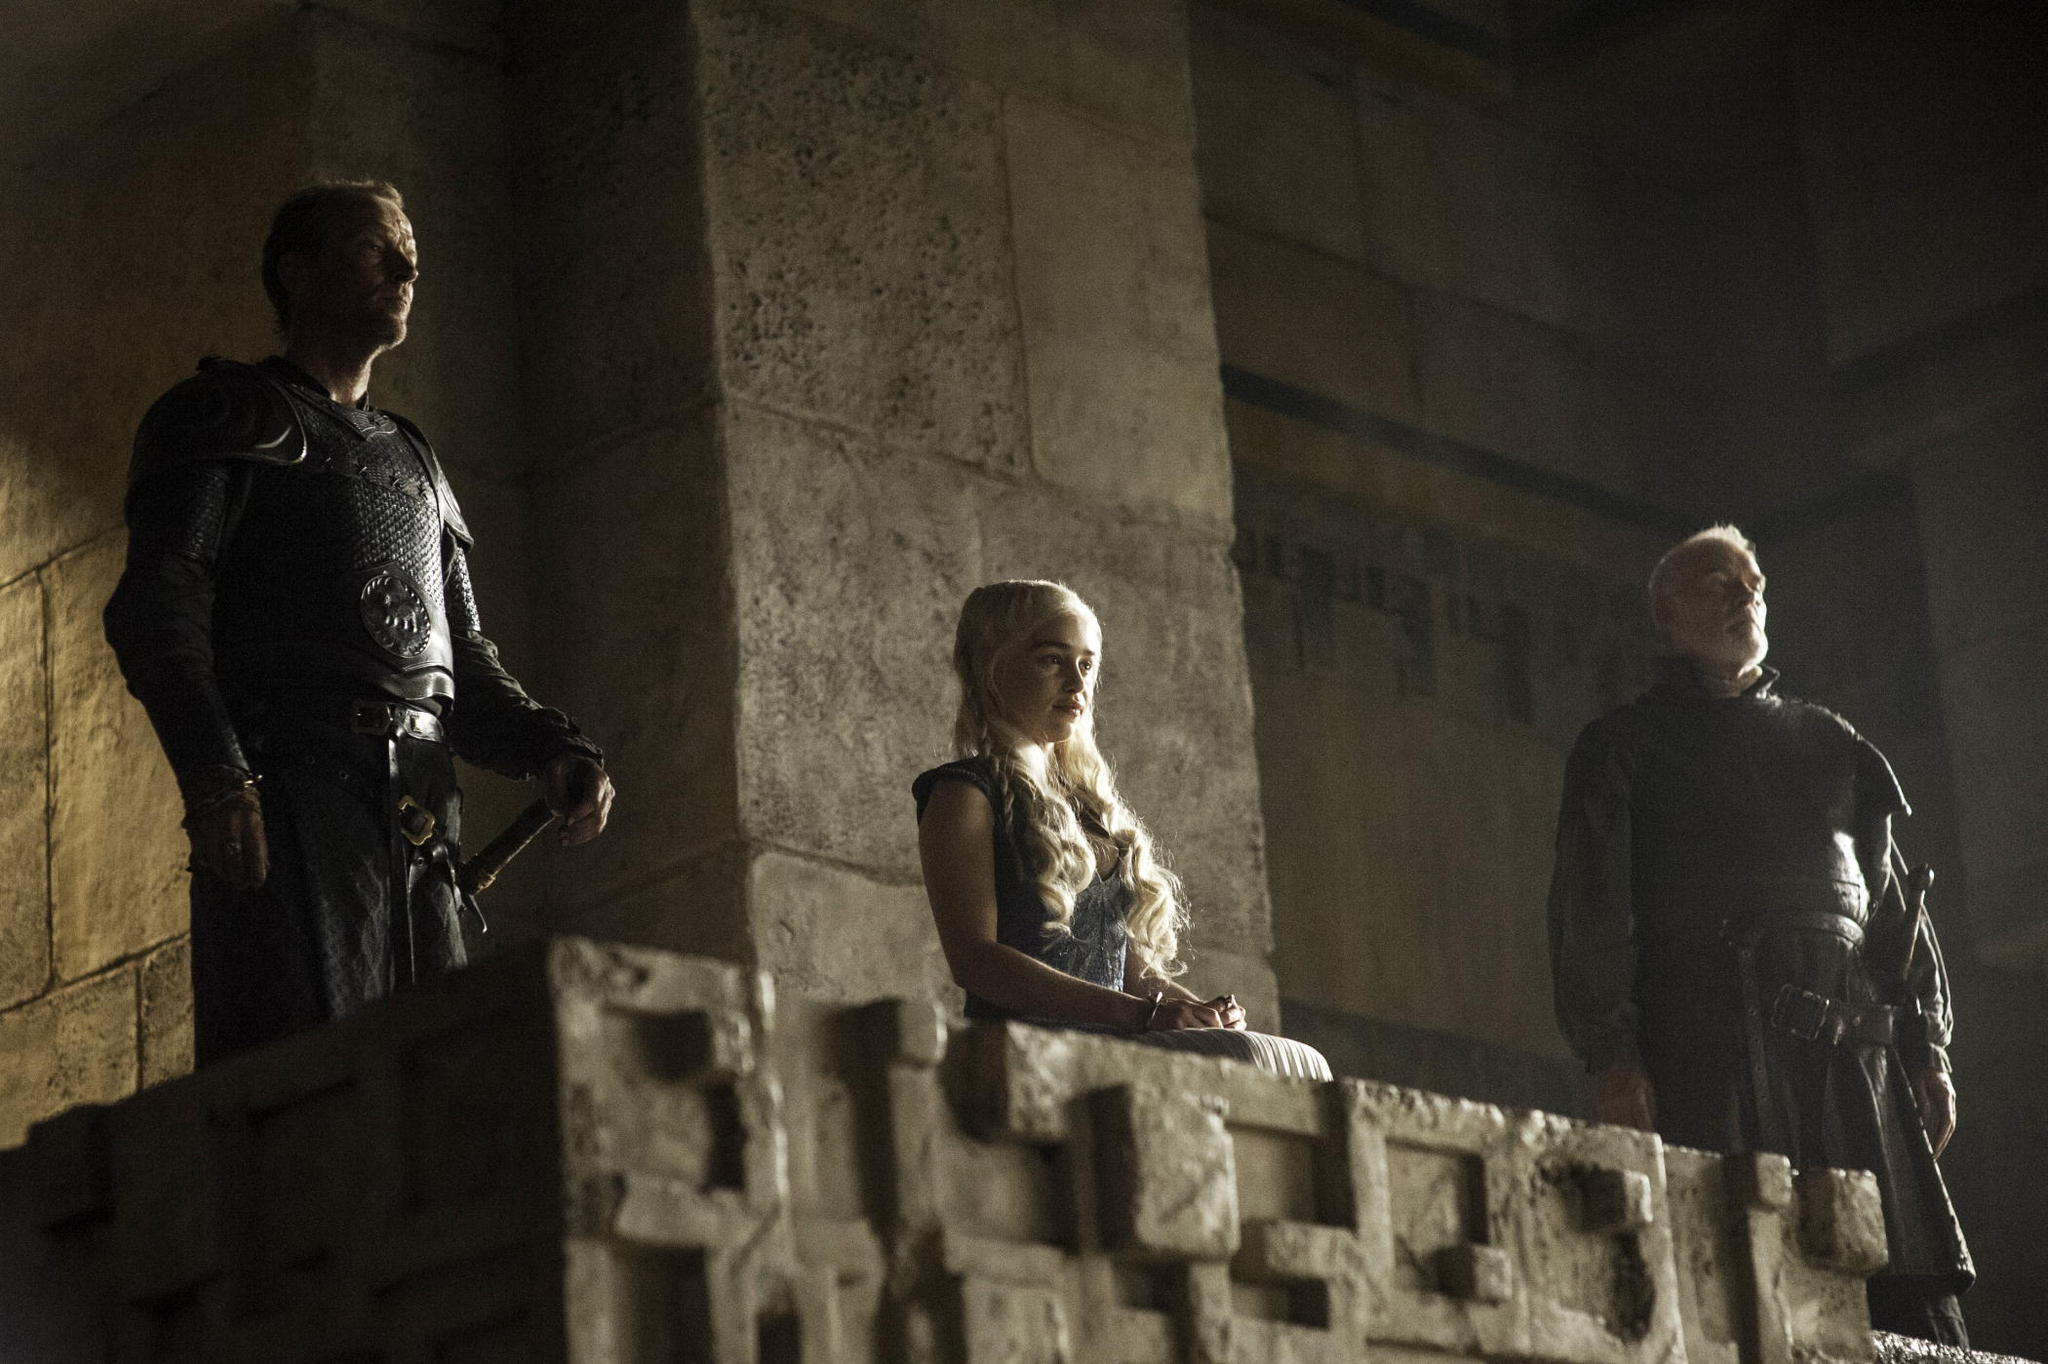 Il trono di spade: Emilia Clarke, Iain Glen, Ian McElhinney nell'episodio The Laws of Gods and Men